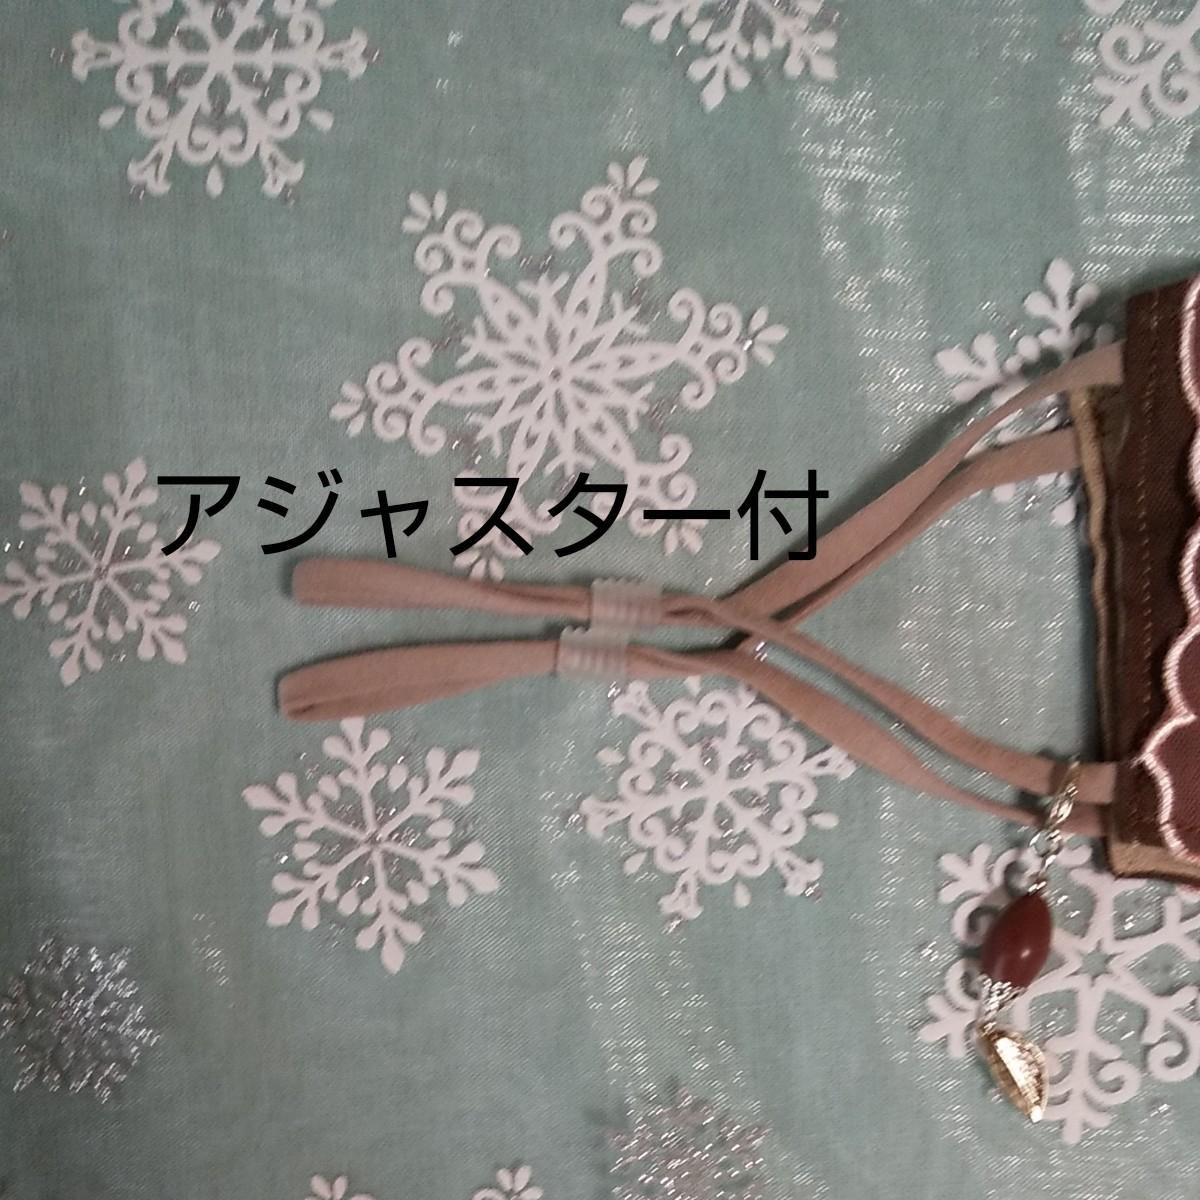 立体インナーハンドメイド、綿ガーゼチュール刺繍レース(ブラウン×大輪花×シルバーラメ入り)(大きめサイズ)アジャスター付チャーム付